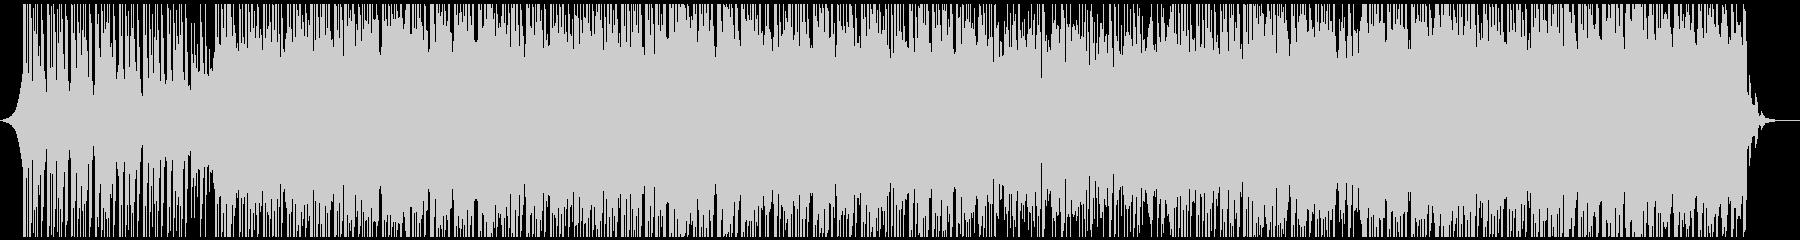 テクニカルコーポレートミュージックの未再生の波形